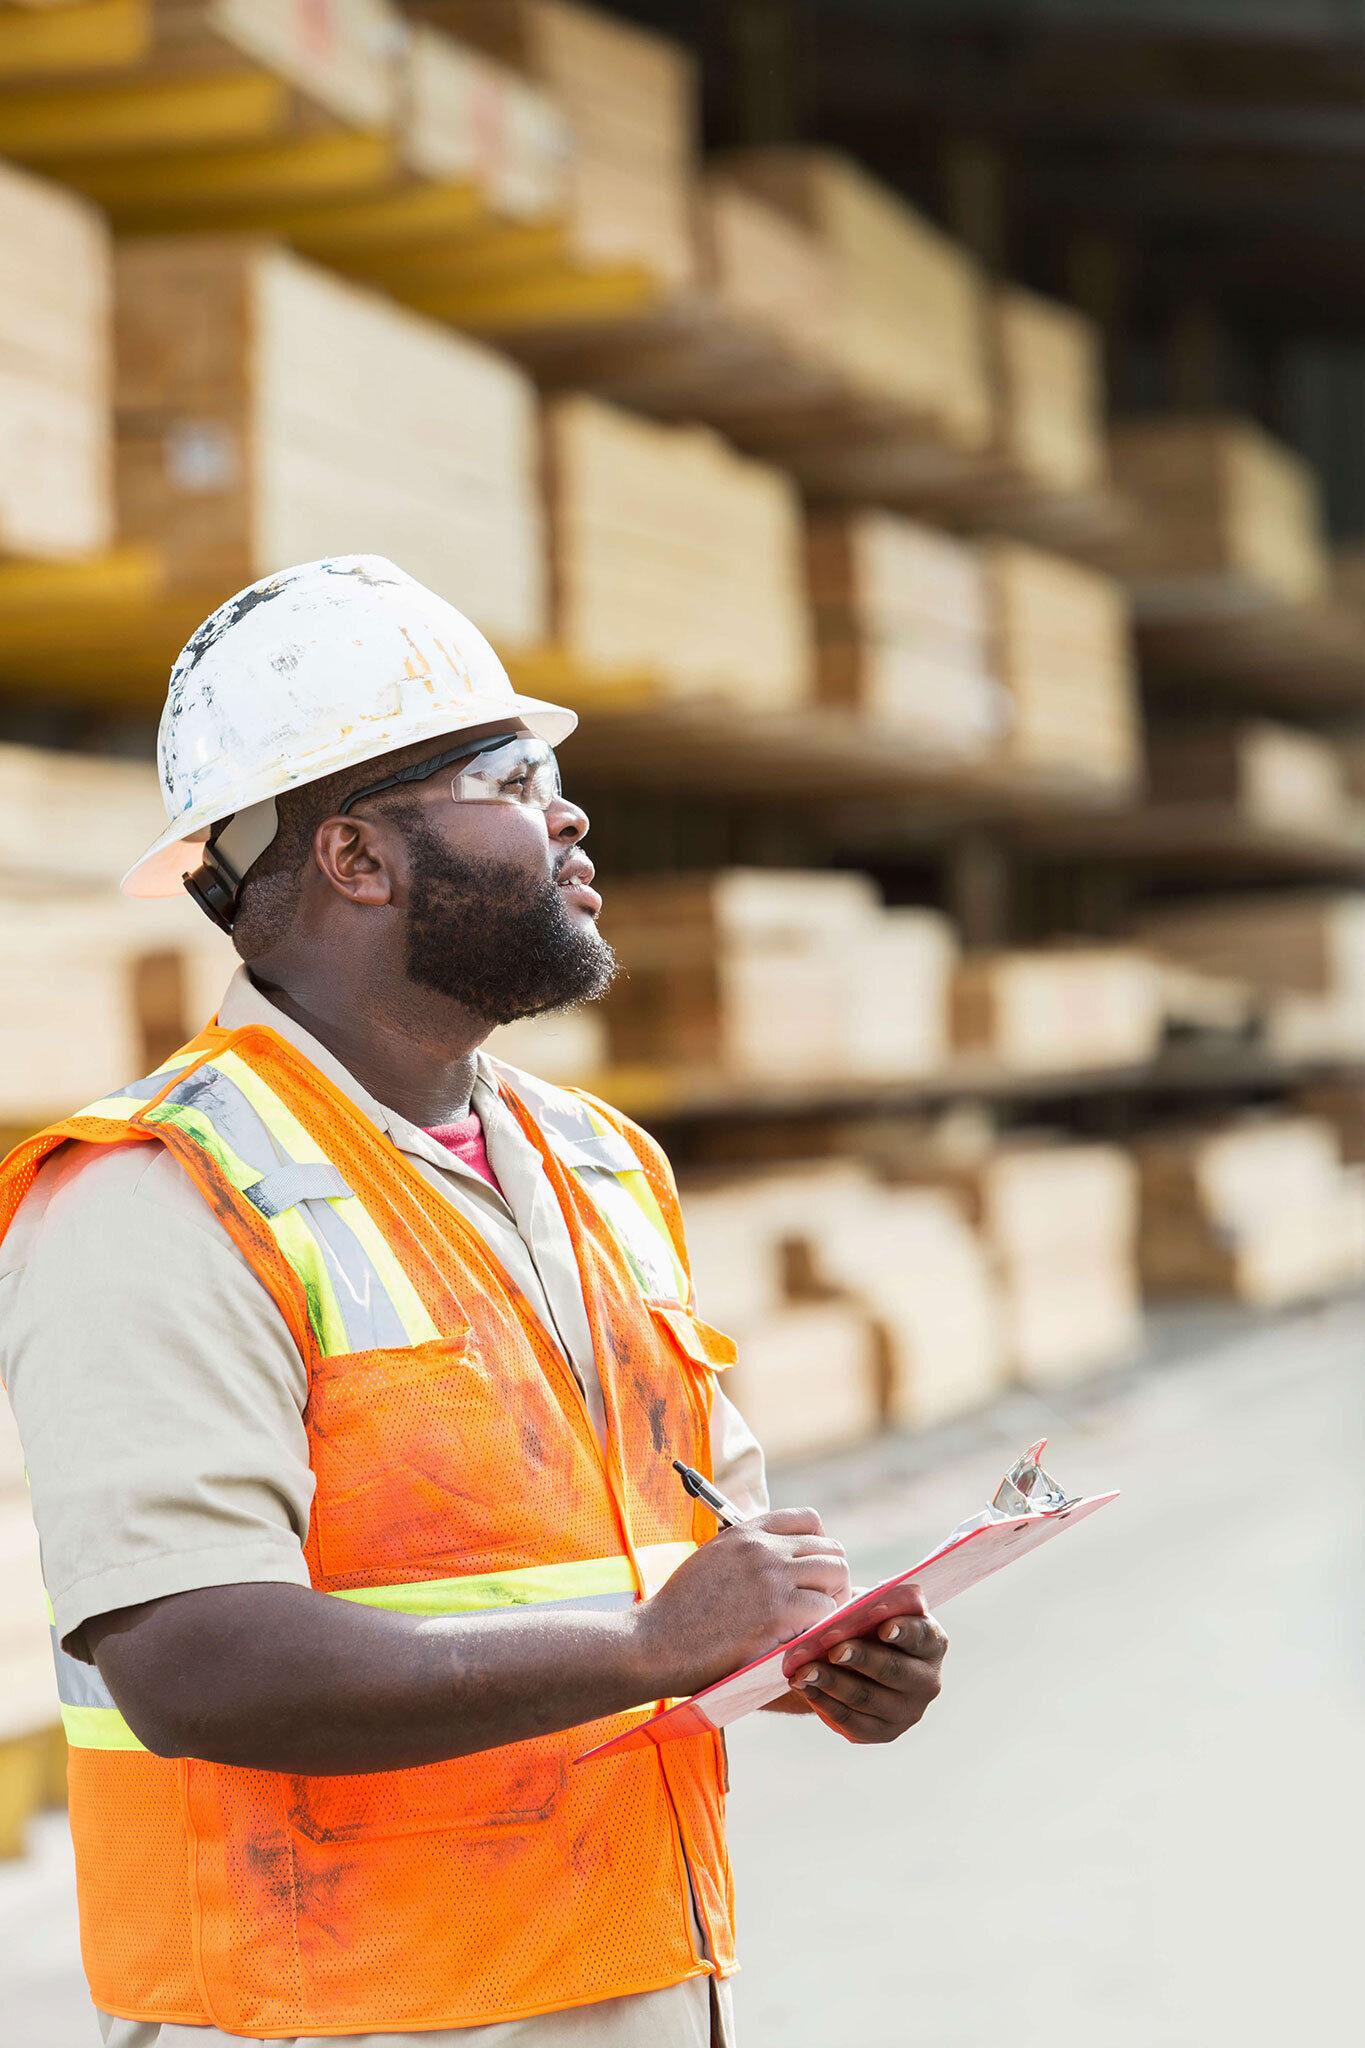 Manager wearing hard hat and orange vest